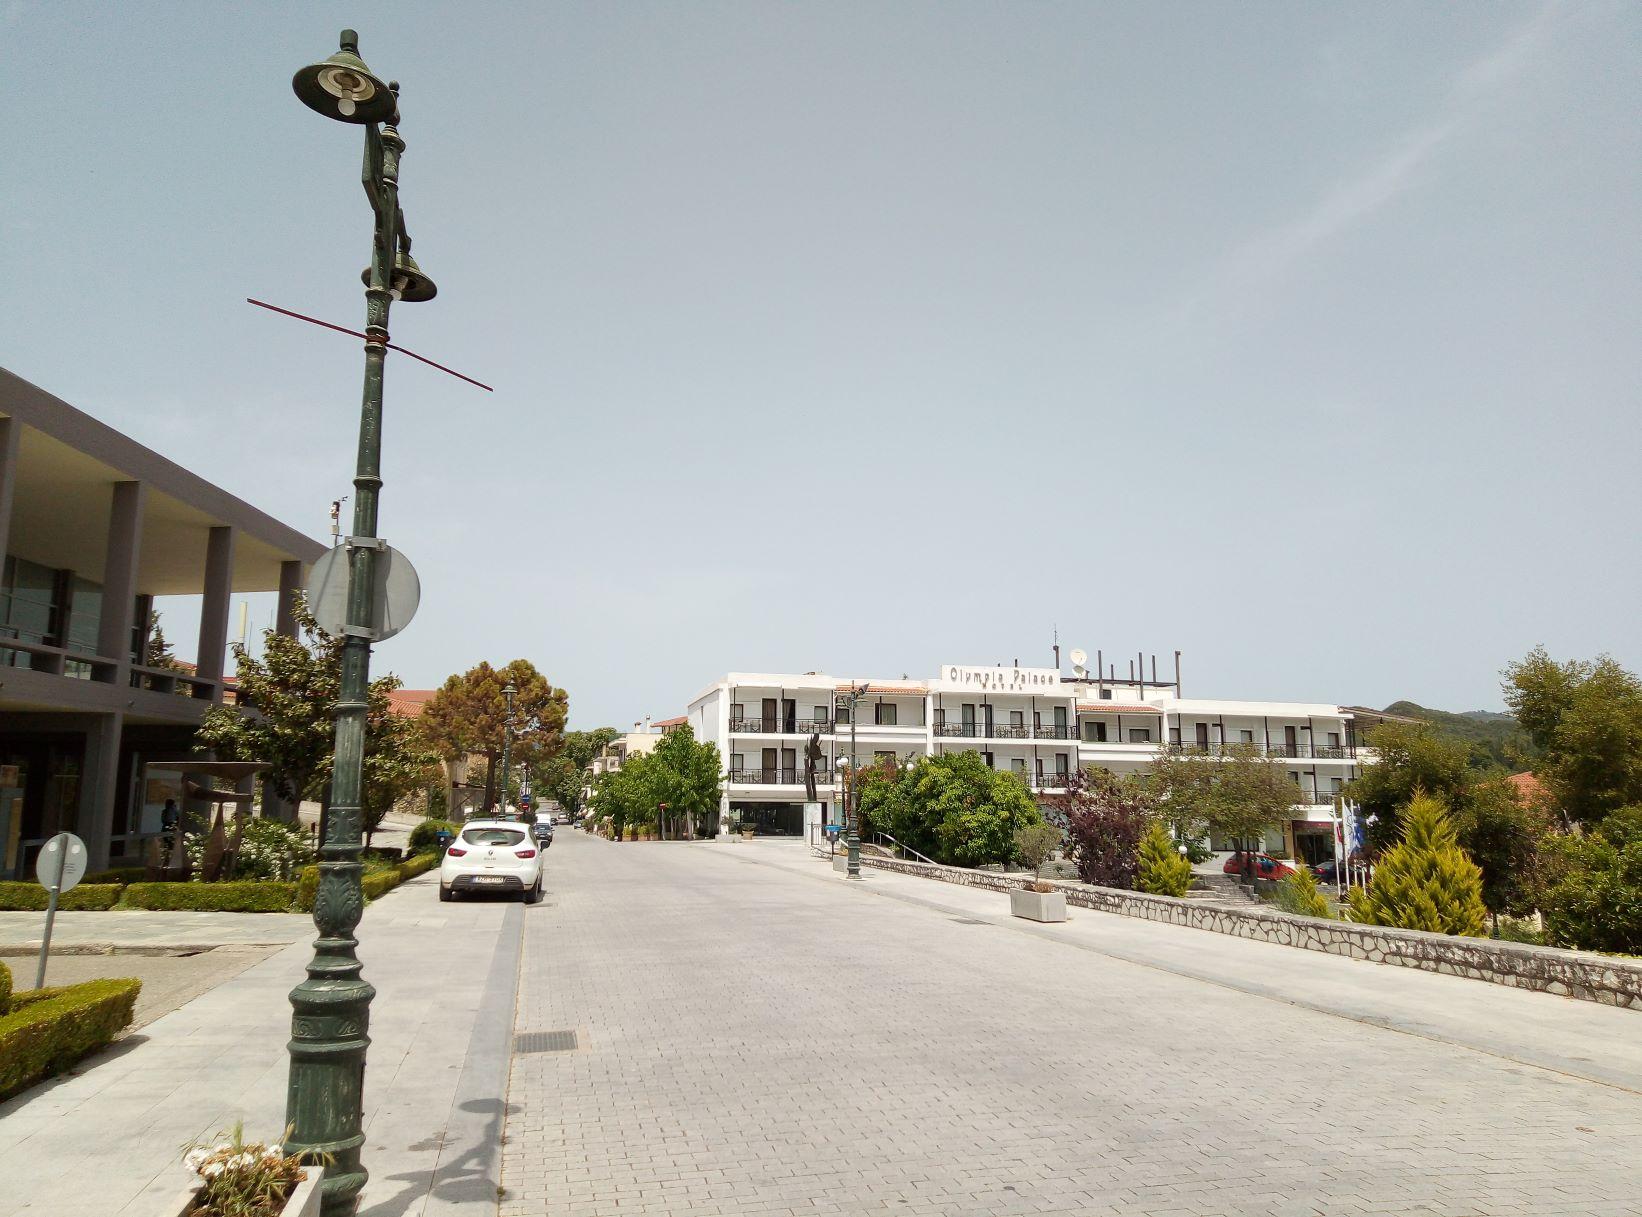 Δήμος Αρχαίας Ολυμπίας: «Έξυπνος» τηλεδιαχειριζόμενος φωτισμός στο Δήμο- Πάνω από 70% εξοικονόμηση ενέργειας (photos)